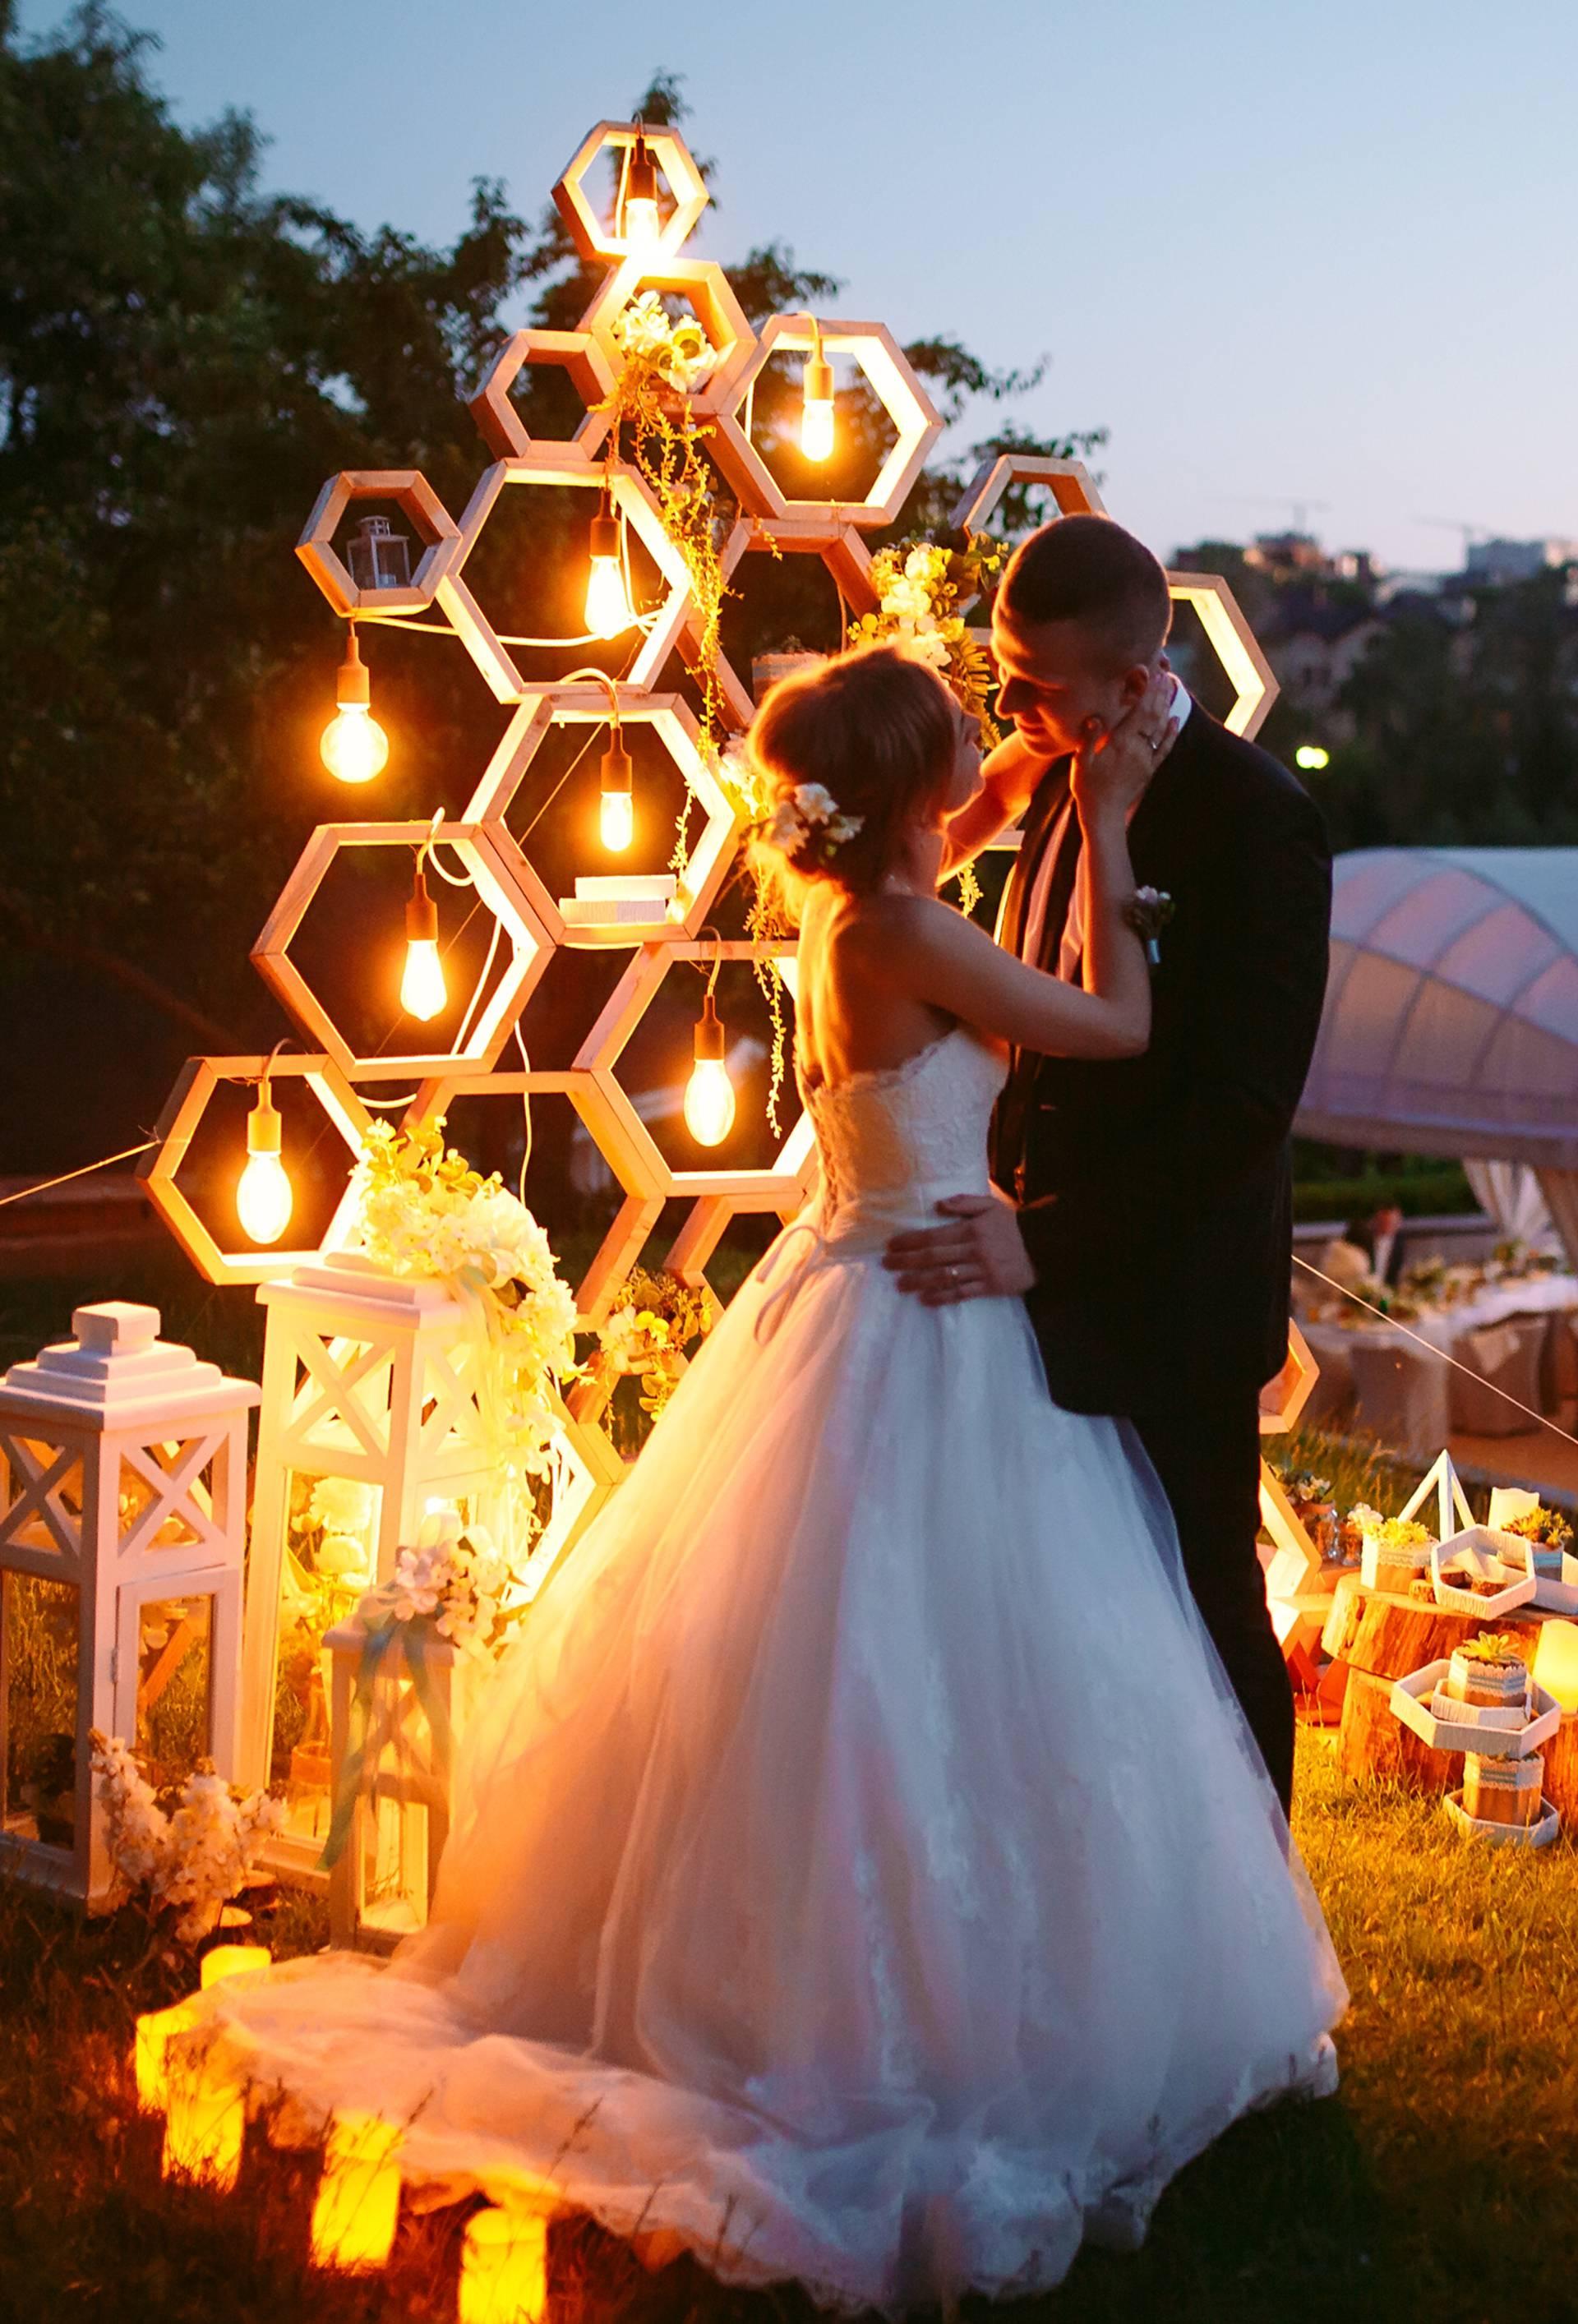 Ovo je najbolji način za odbiti poziv na vjenčanje zbog korone